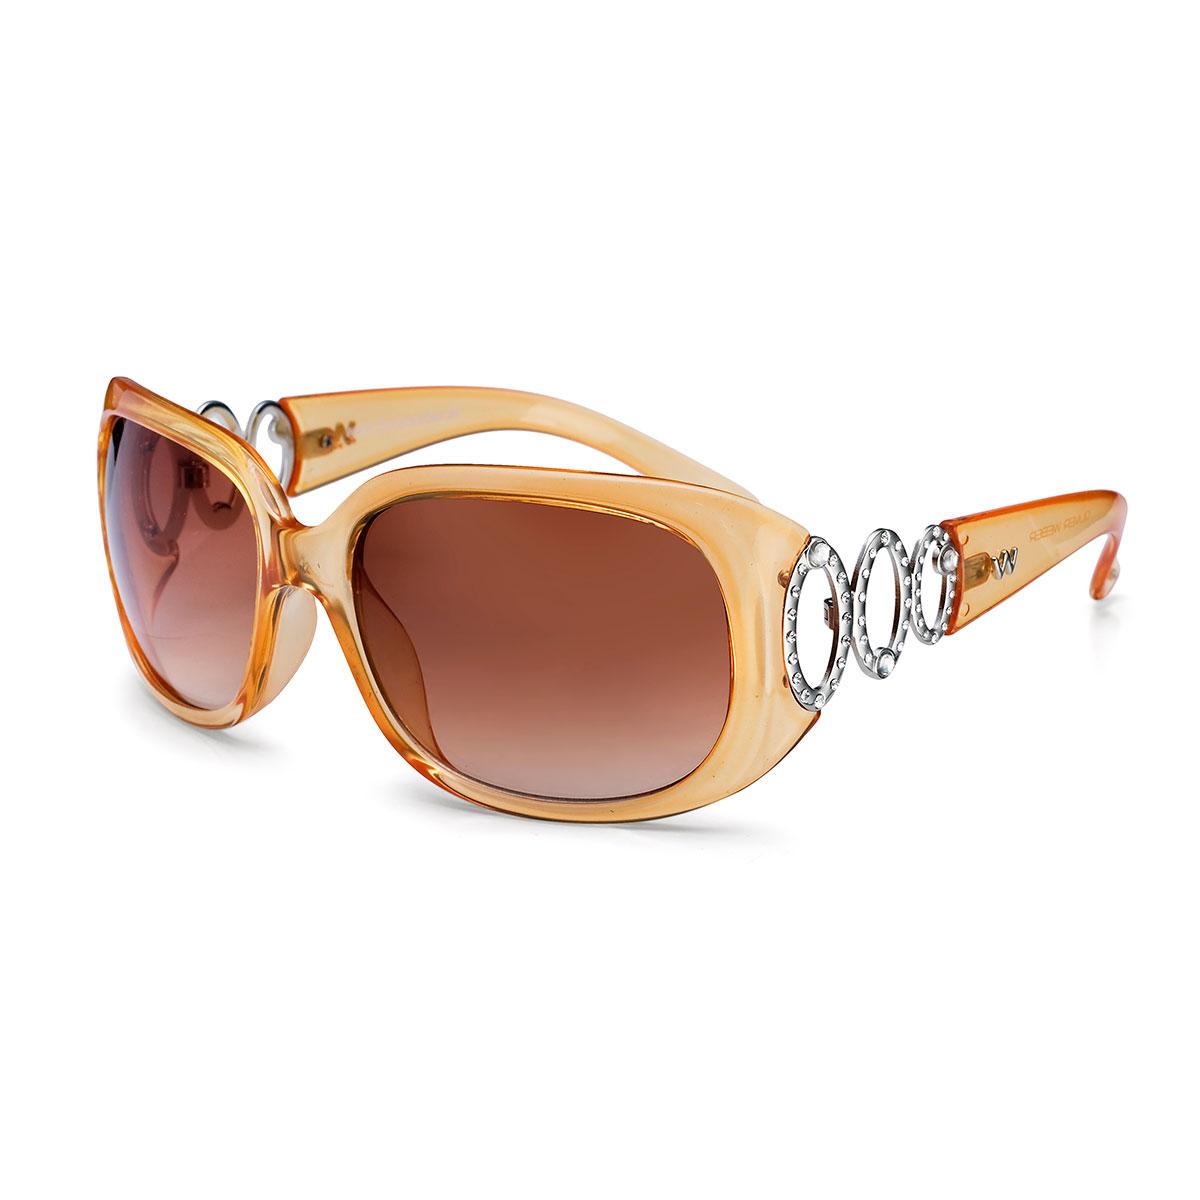 عینک نارنجی مدل ماین